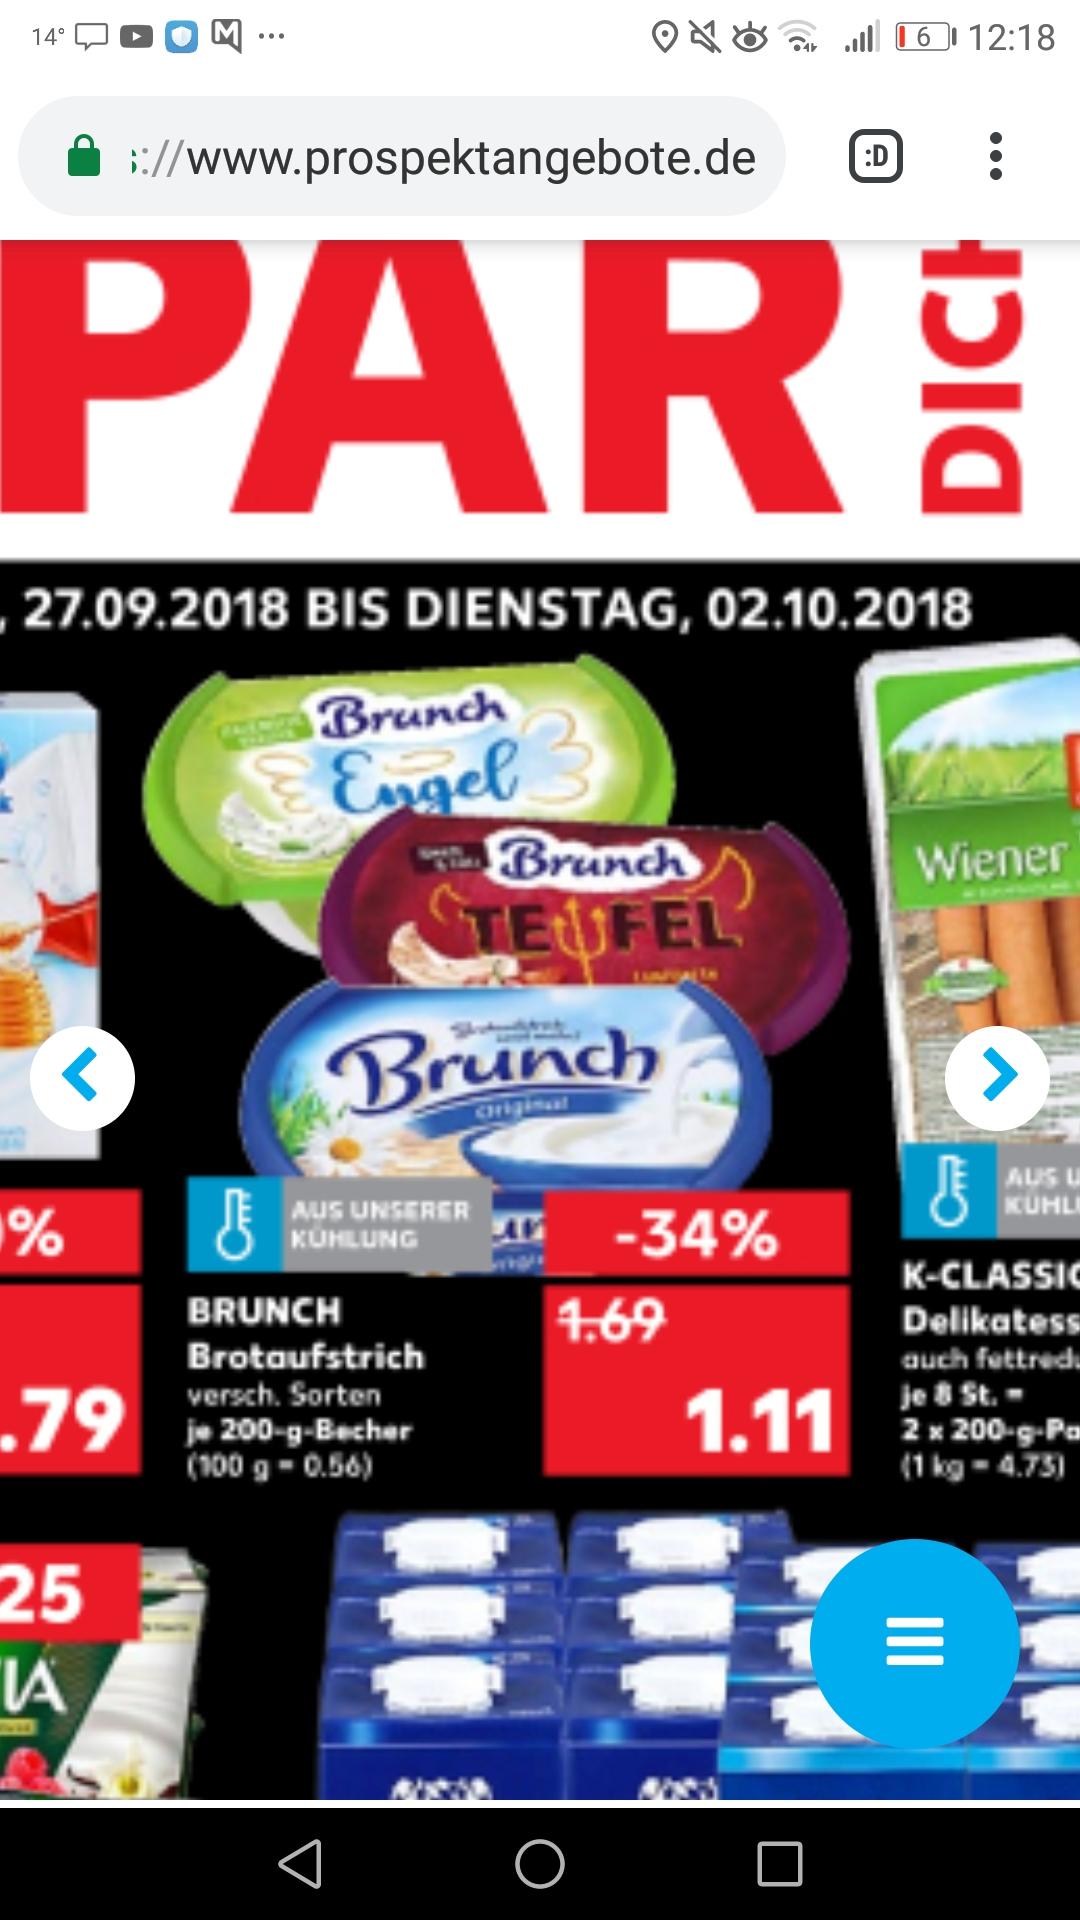 Kaufland bundesweit ab morgen: 2x Brunch Engel&Teufel limited Edition für 2,22€ +1,11€ scondoo Cashback (effektiv 56 Cent pro Packung)